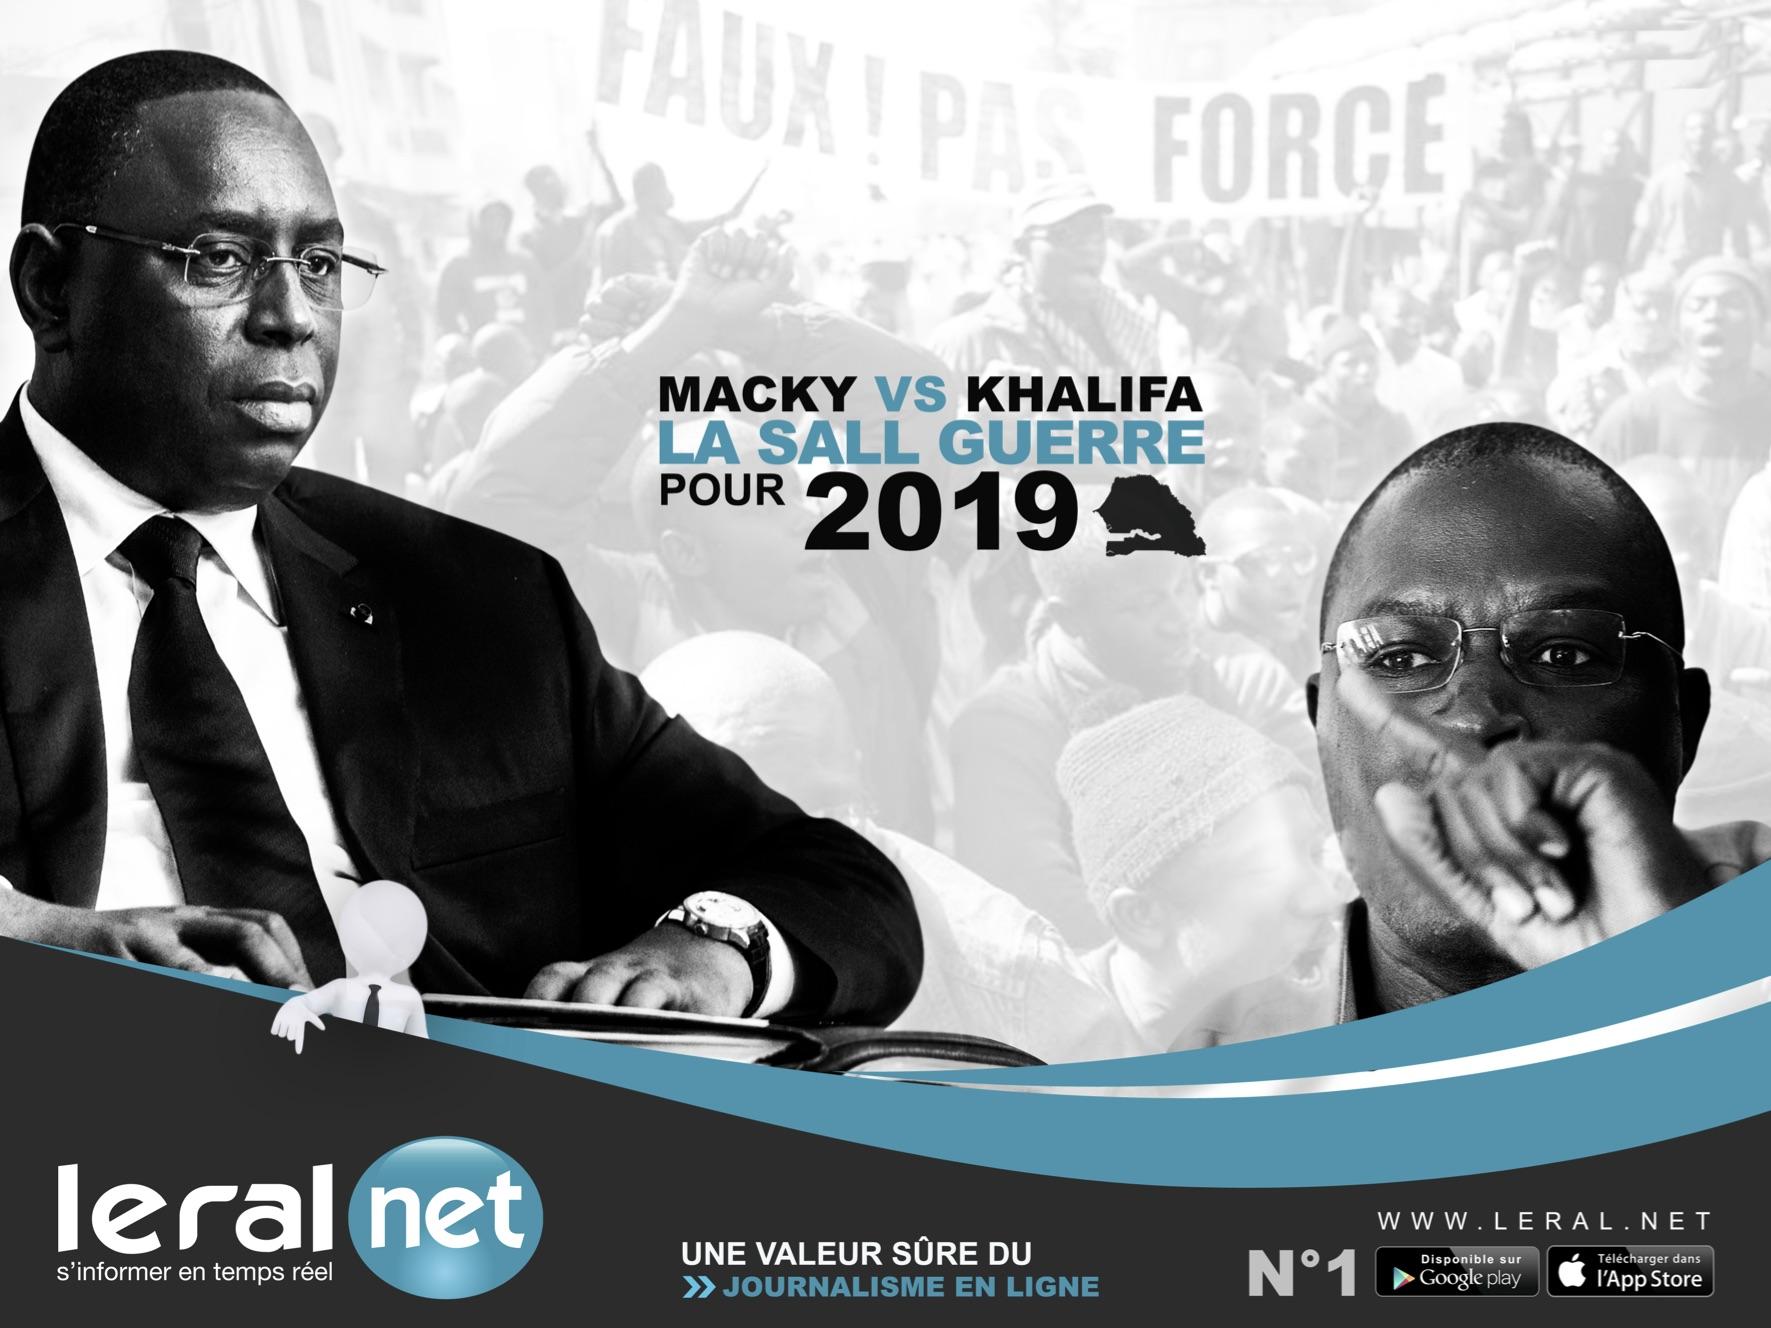 Sénégal: l'opposition tente de se fédérer pour contrer le camp de Macky Sall aux Législatives